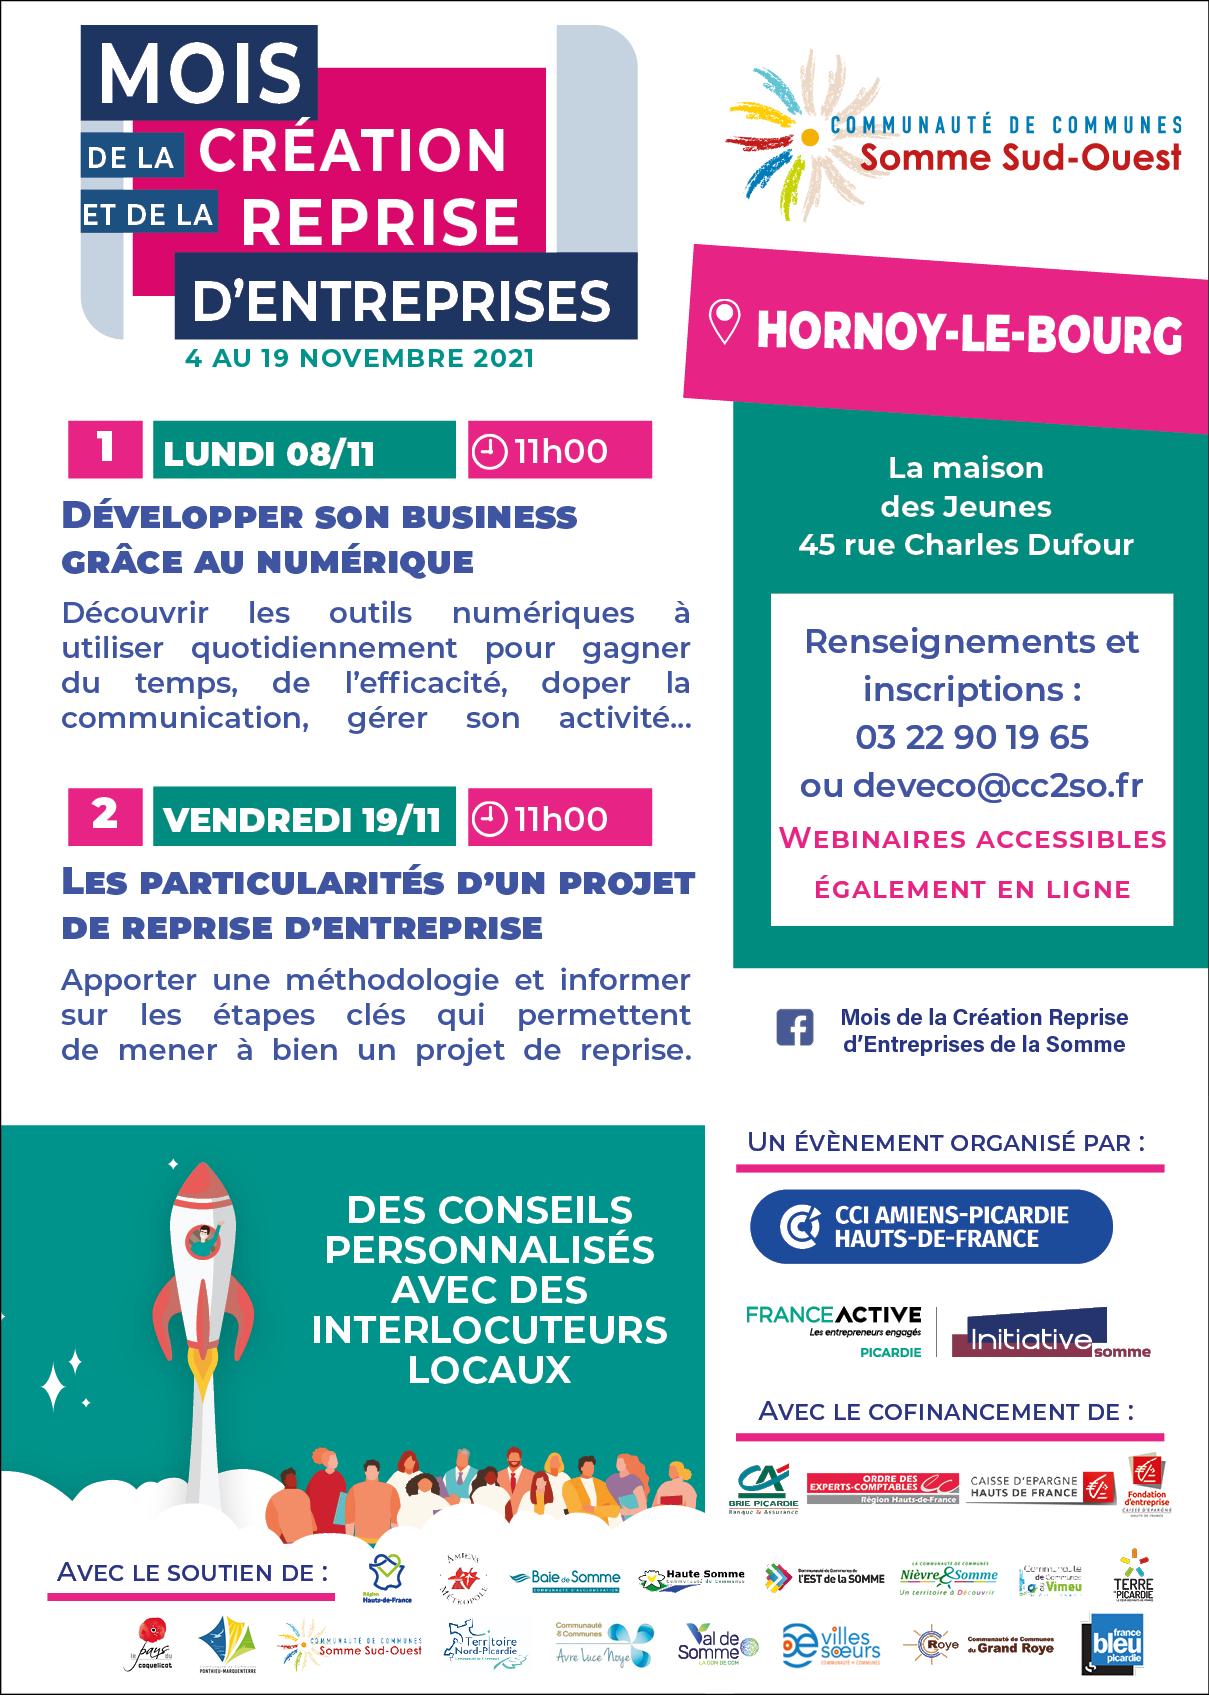 Mois de la création et de la reprise d'entreprises 2021 : ateliers à Hornoy-le-Bourg